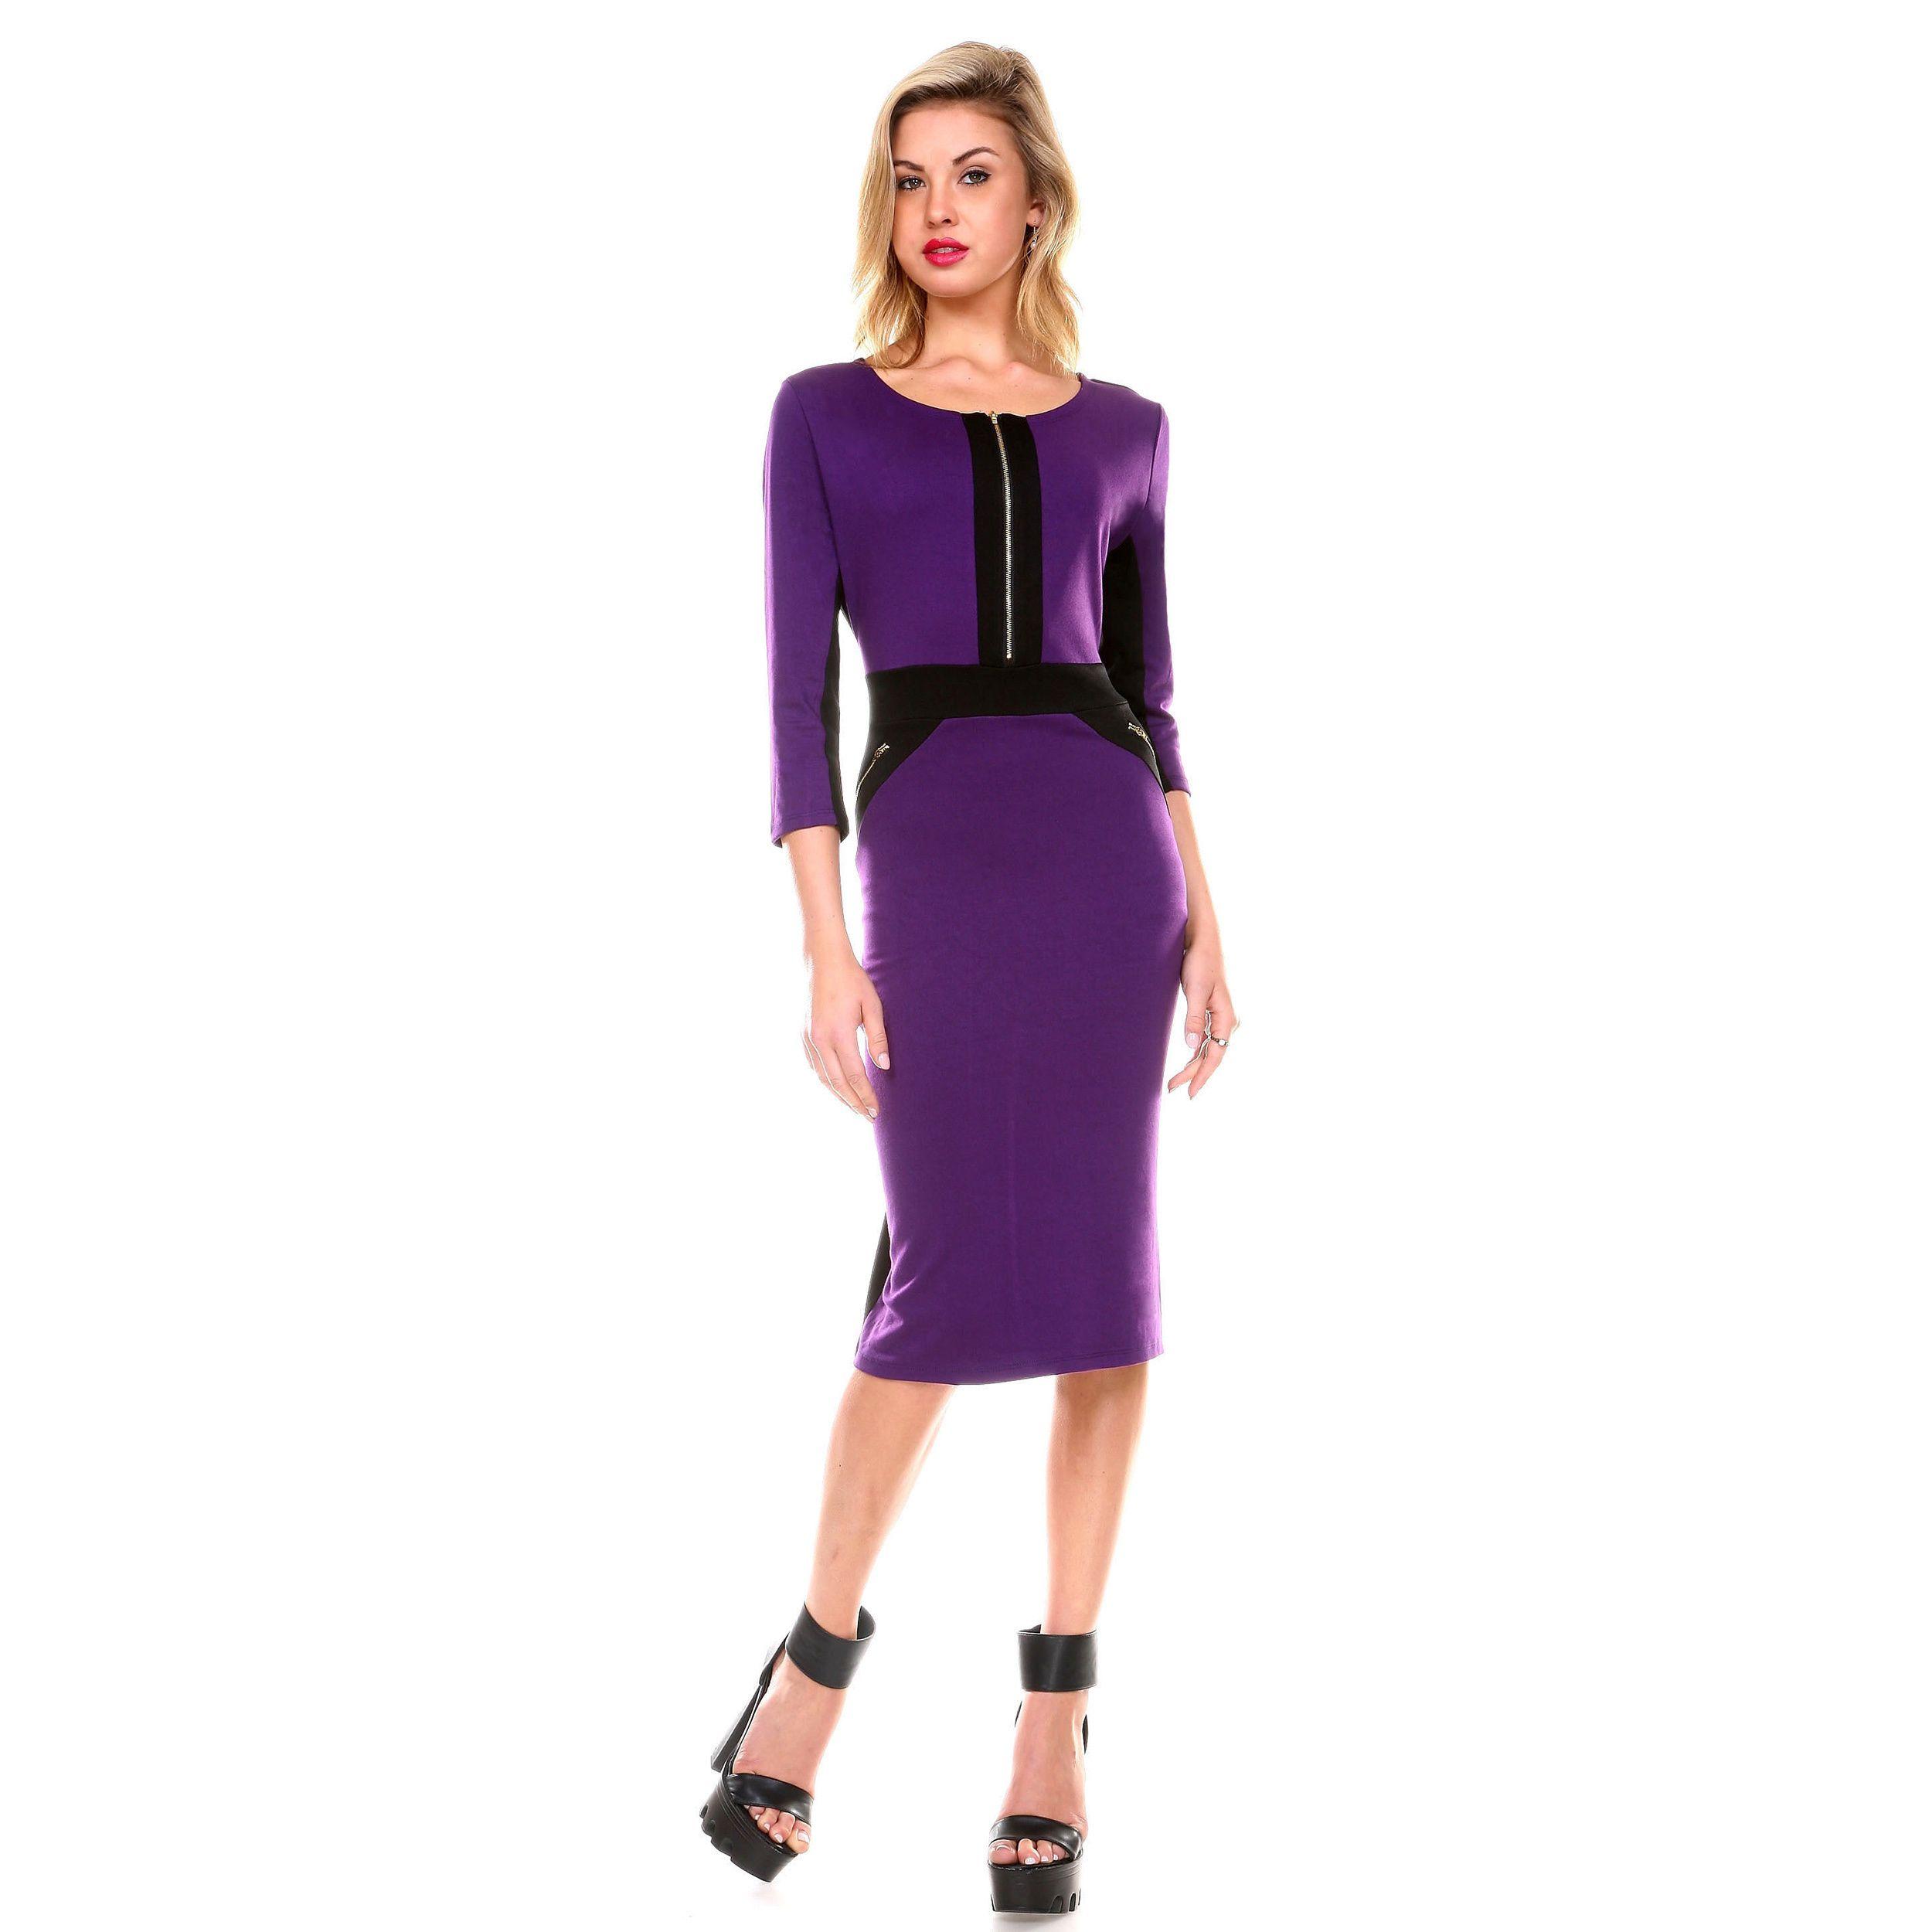 Stanzino Women\'s 3/4 Sleeve Casual Short Dress